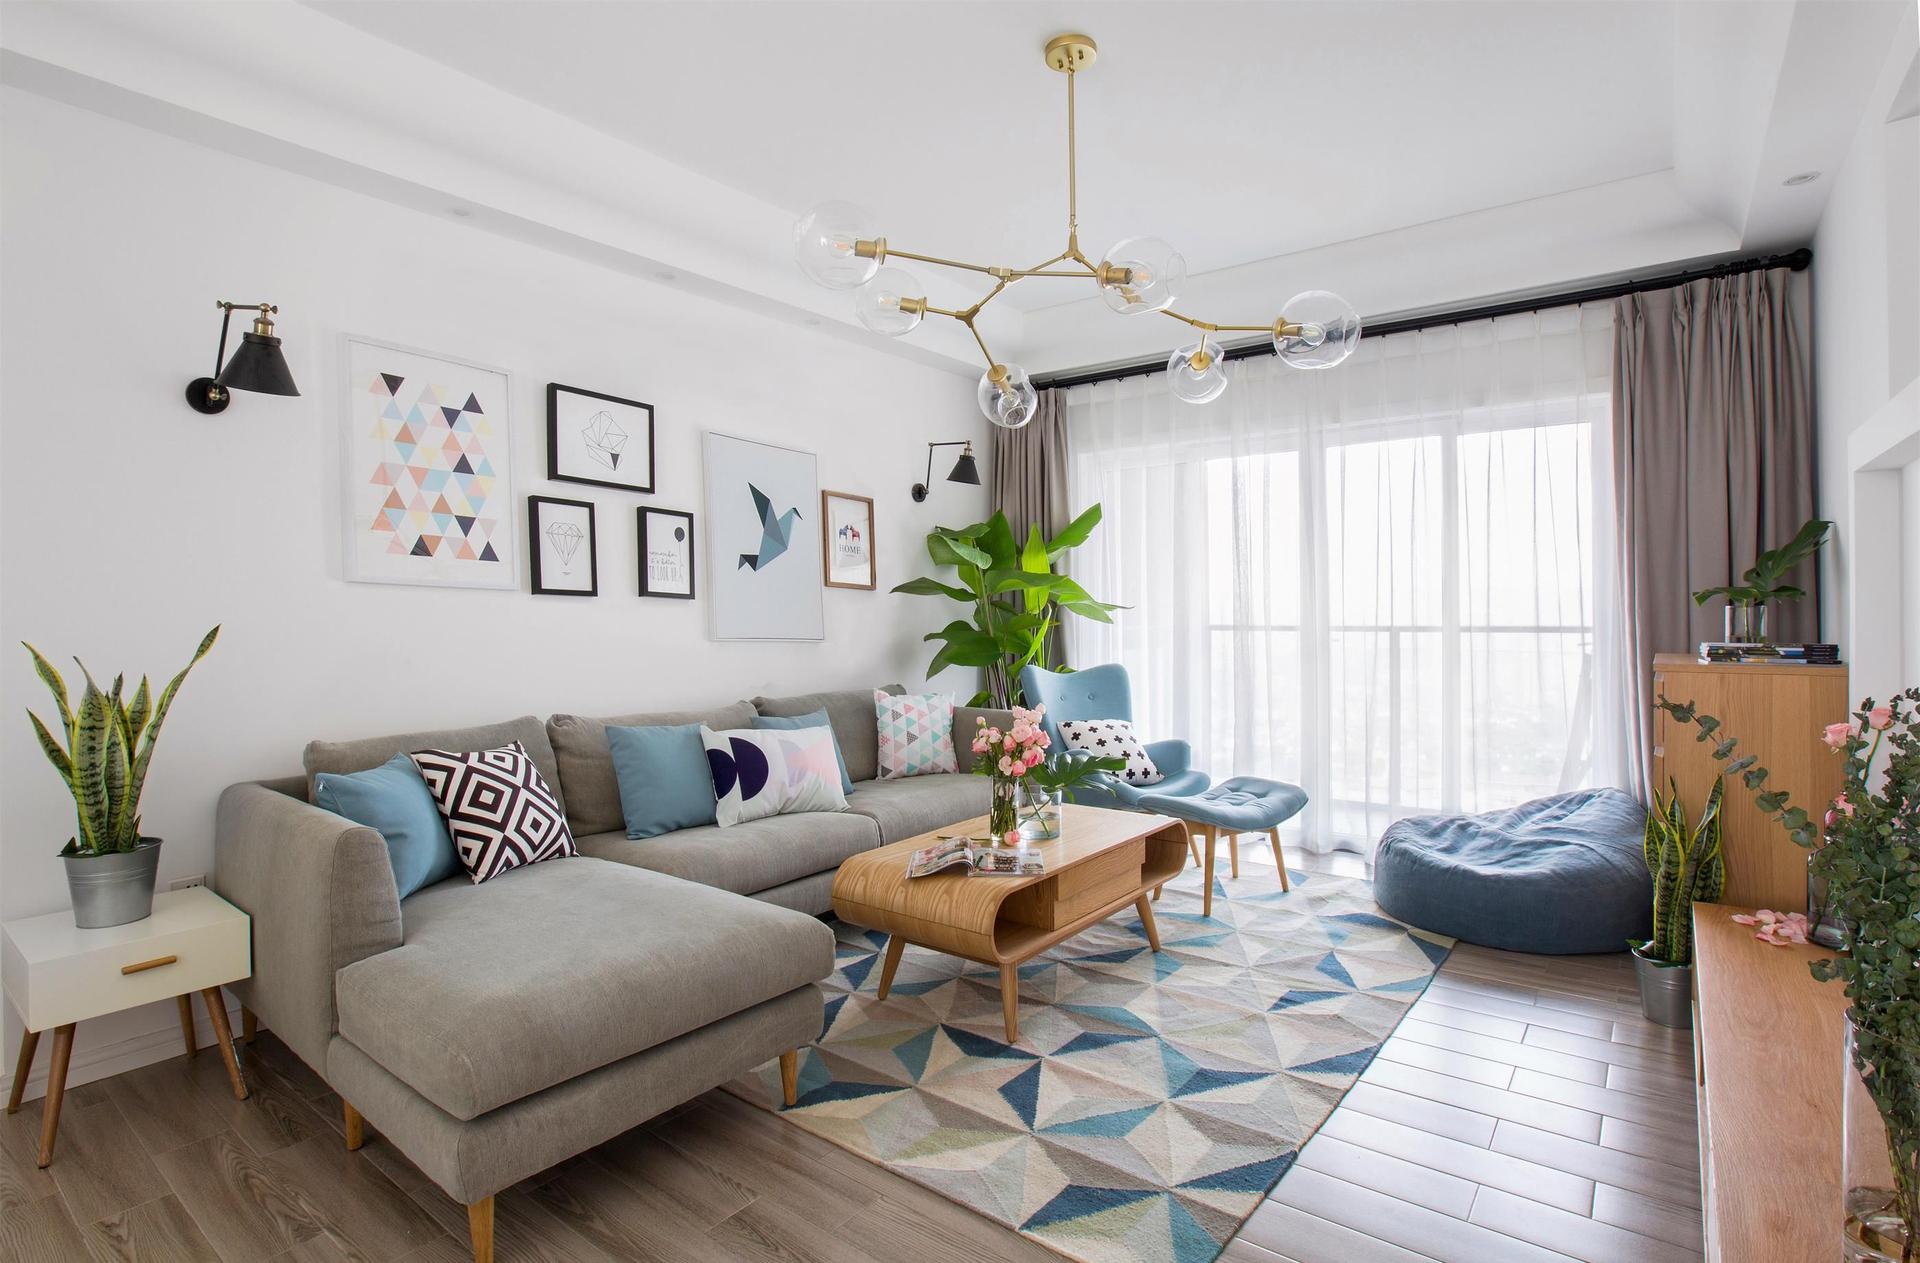 现代北欧风格图|空间|室内设计|元度装饰设计公司